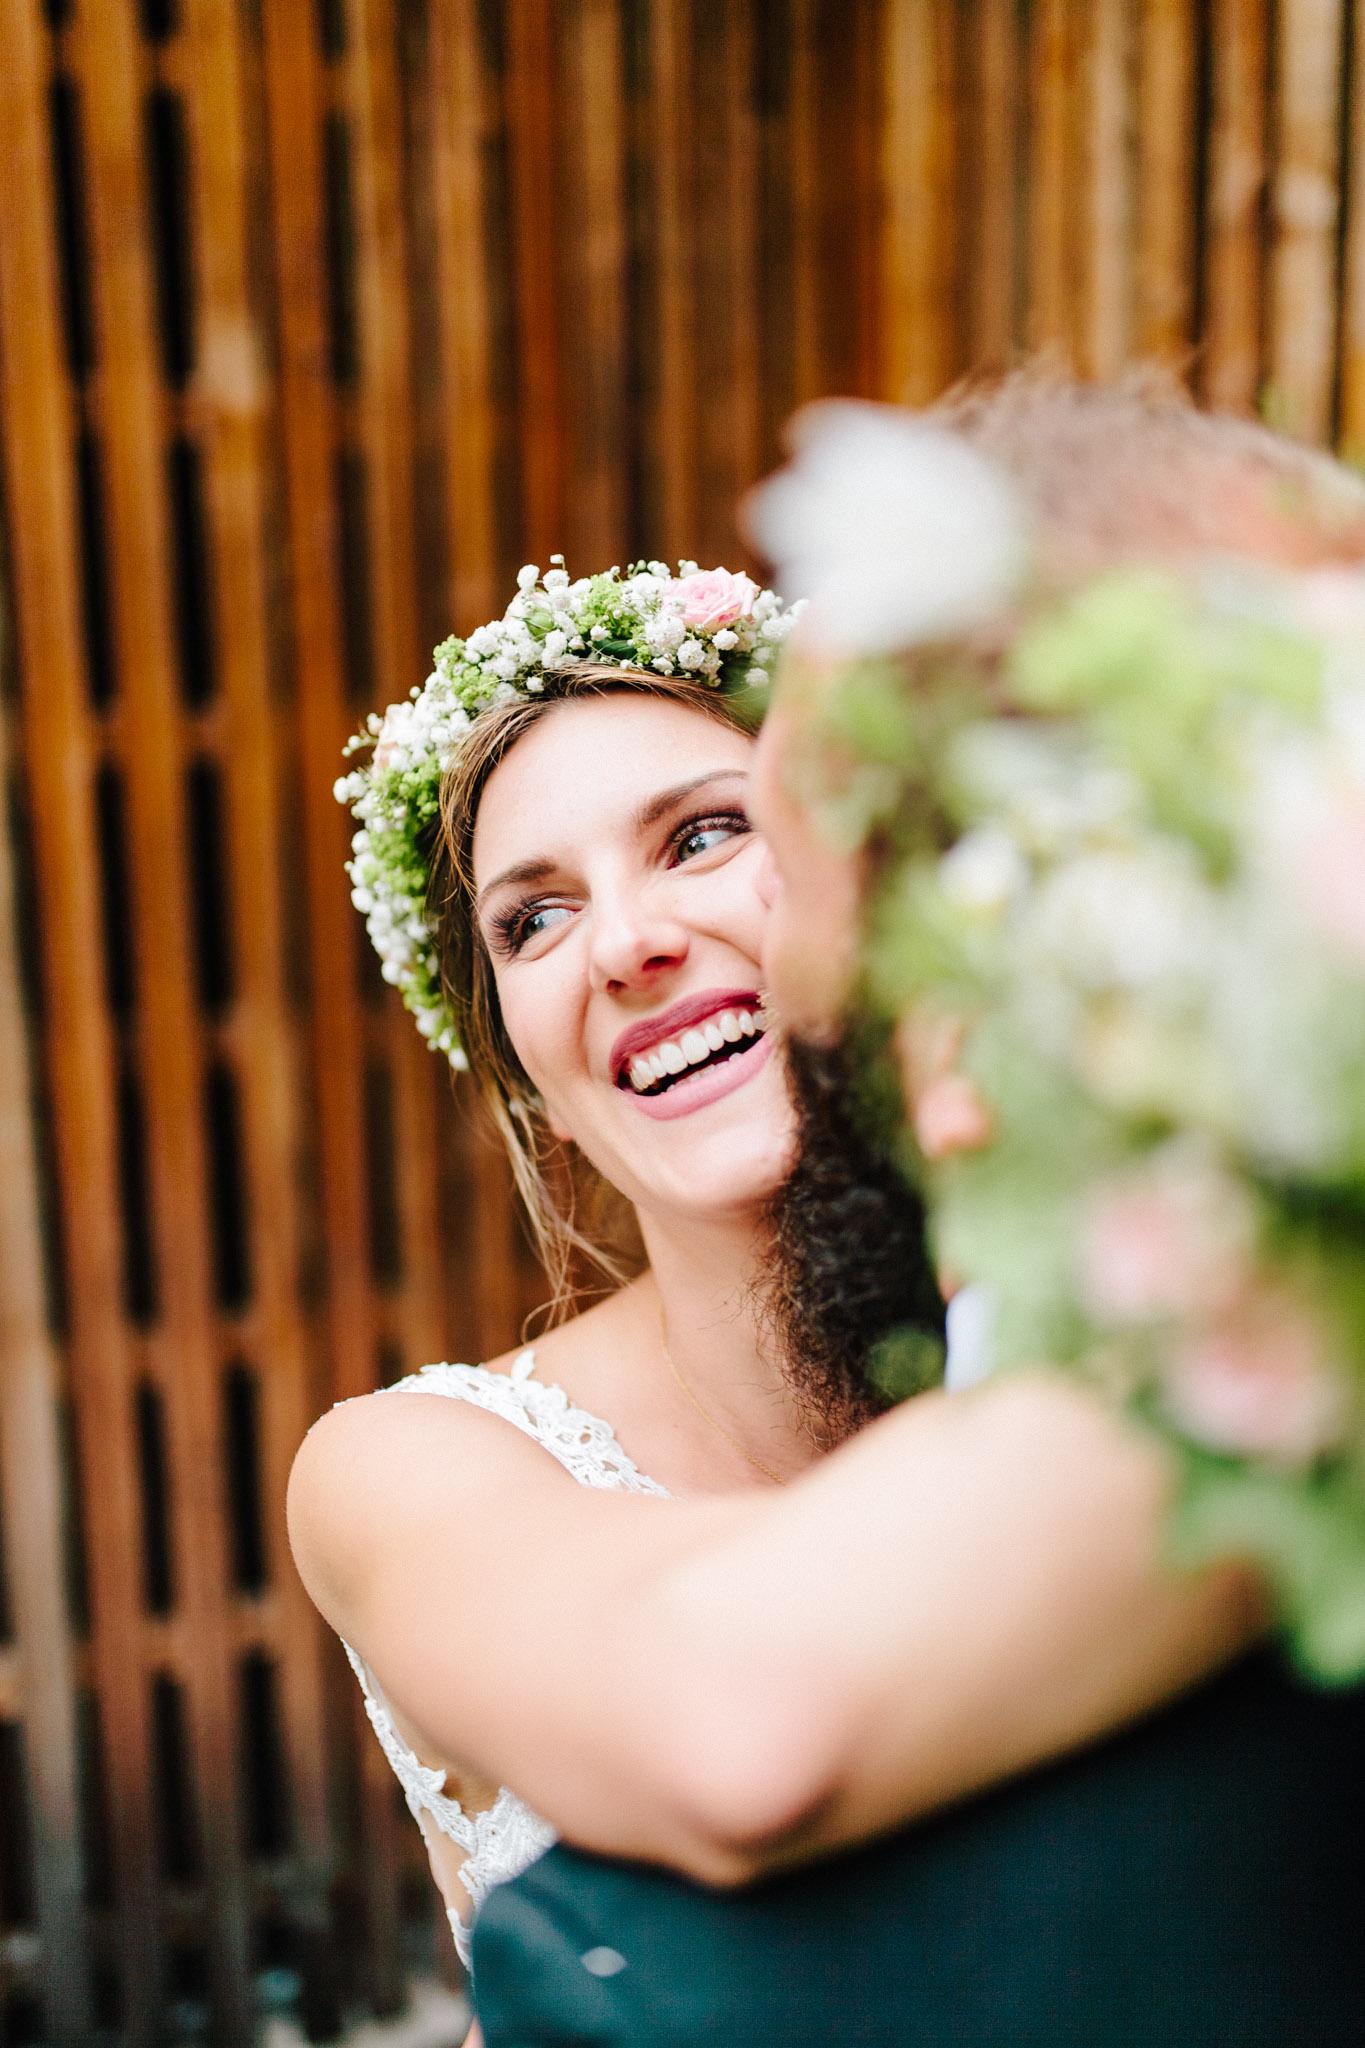 Nordhausen-Harz-Hochzeit-Pia-Anna-Christian-Wedding-Photography-LM-63.jpg